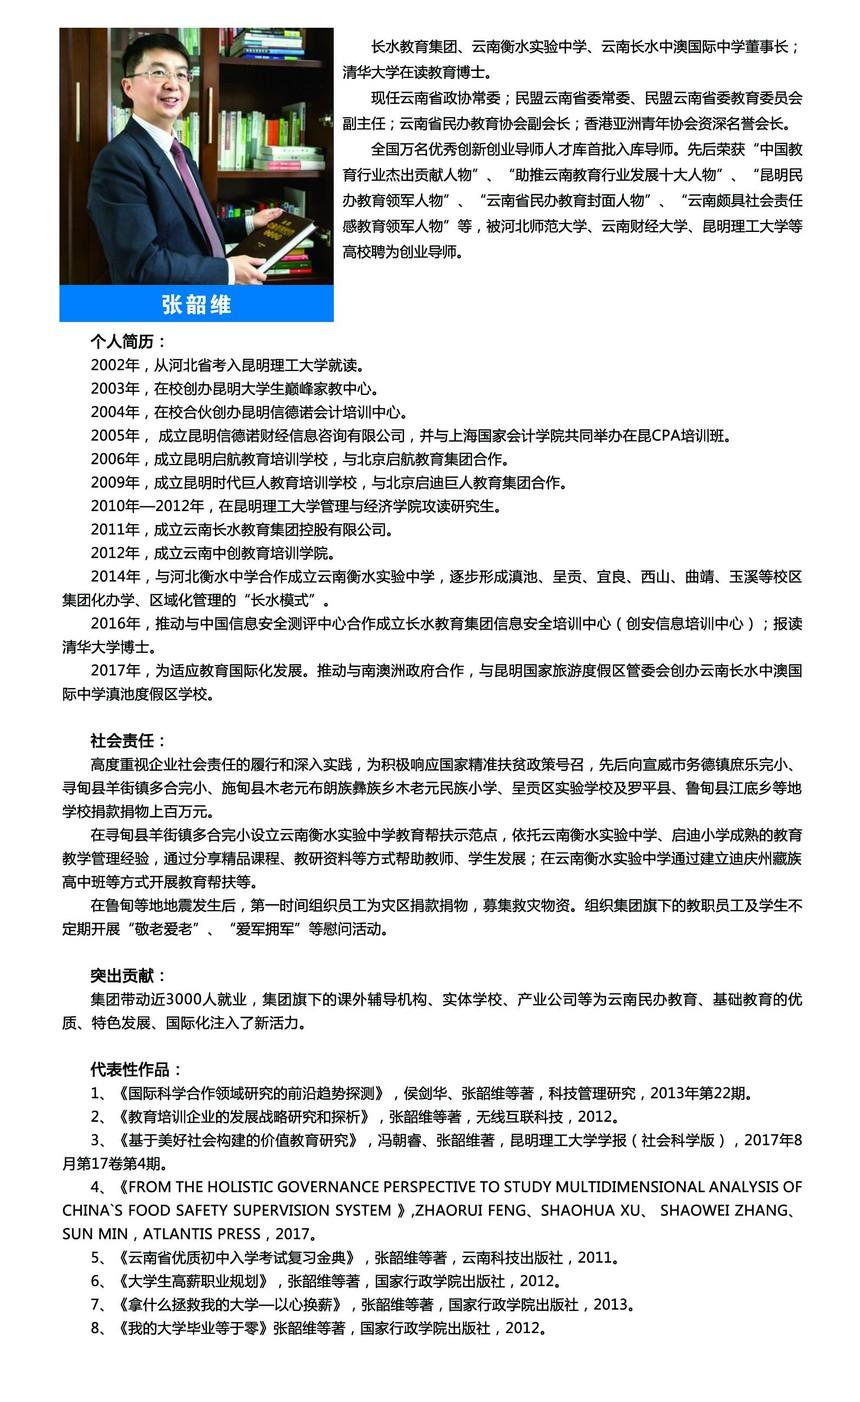 董事长简介(2018新)1.jpg